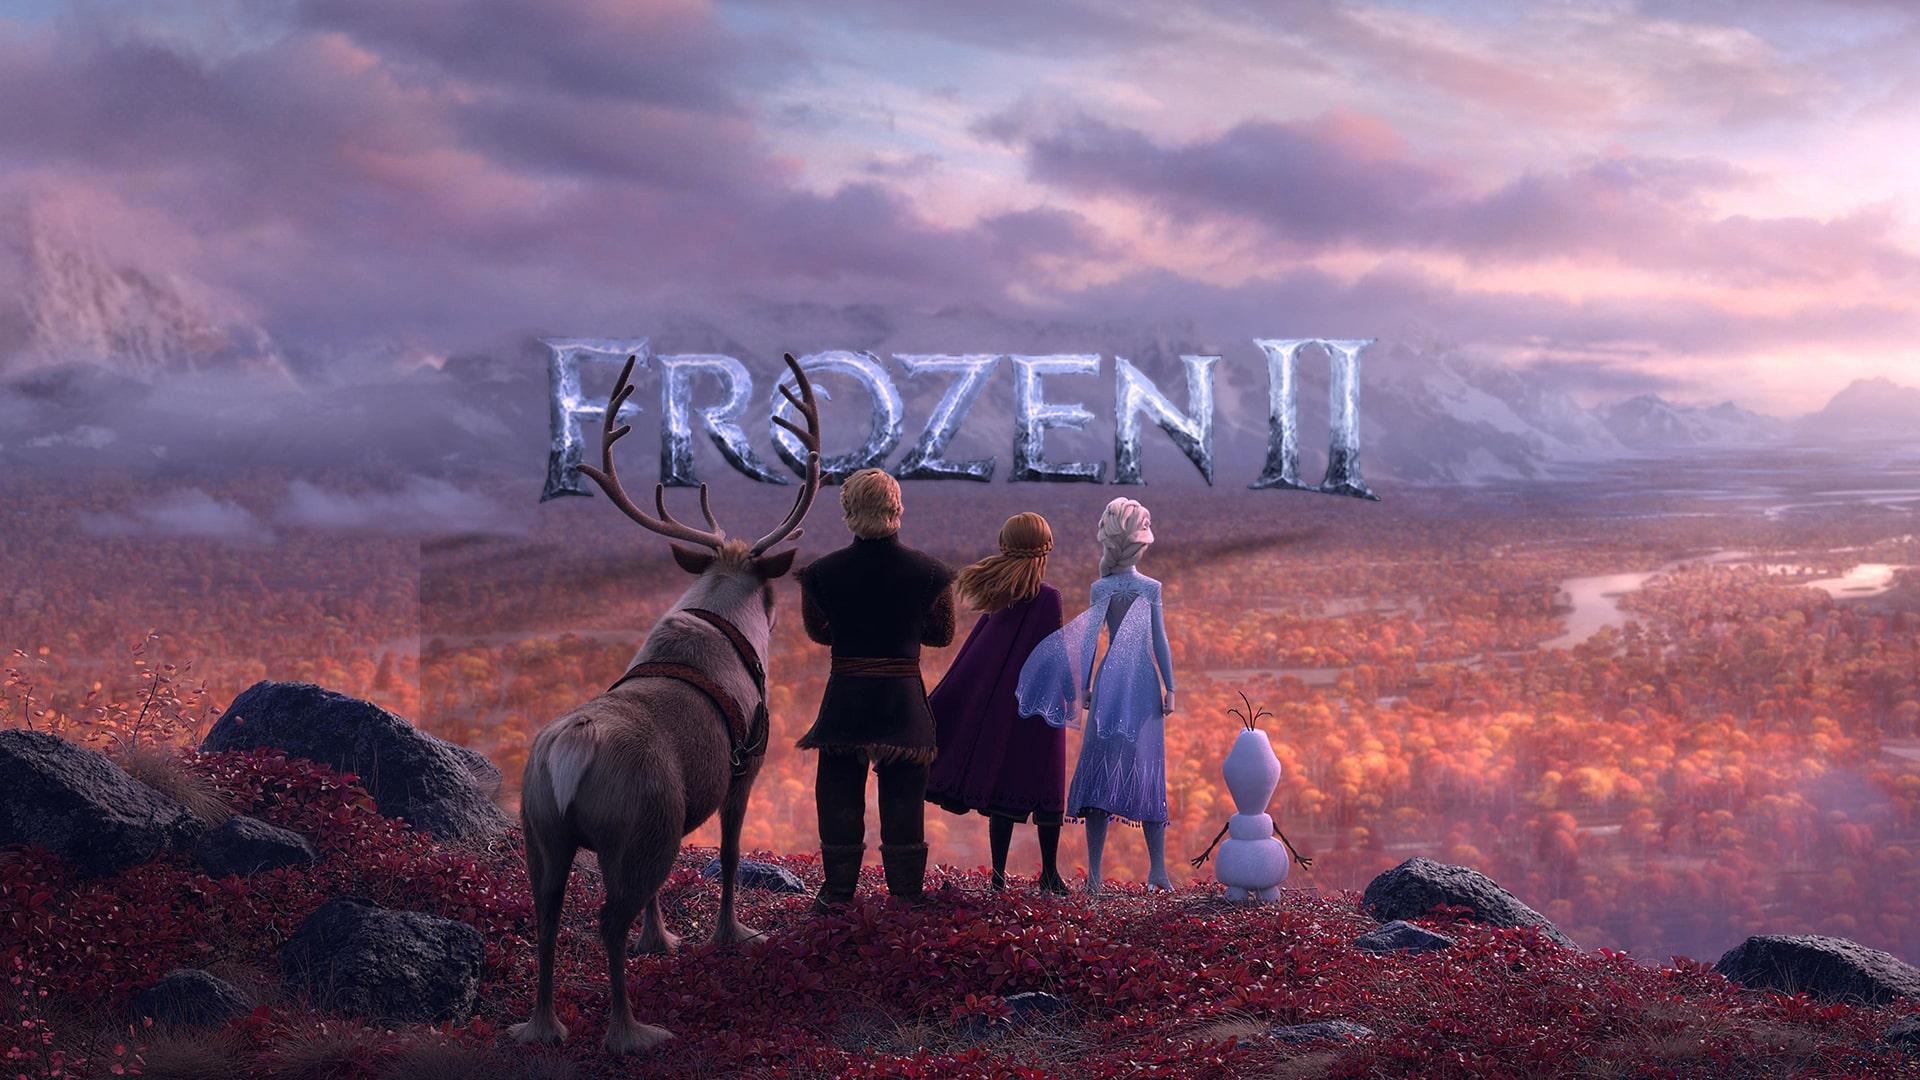 انیمیشن فروزن 2 یکی از بهترین انیمیشن های سال 2019